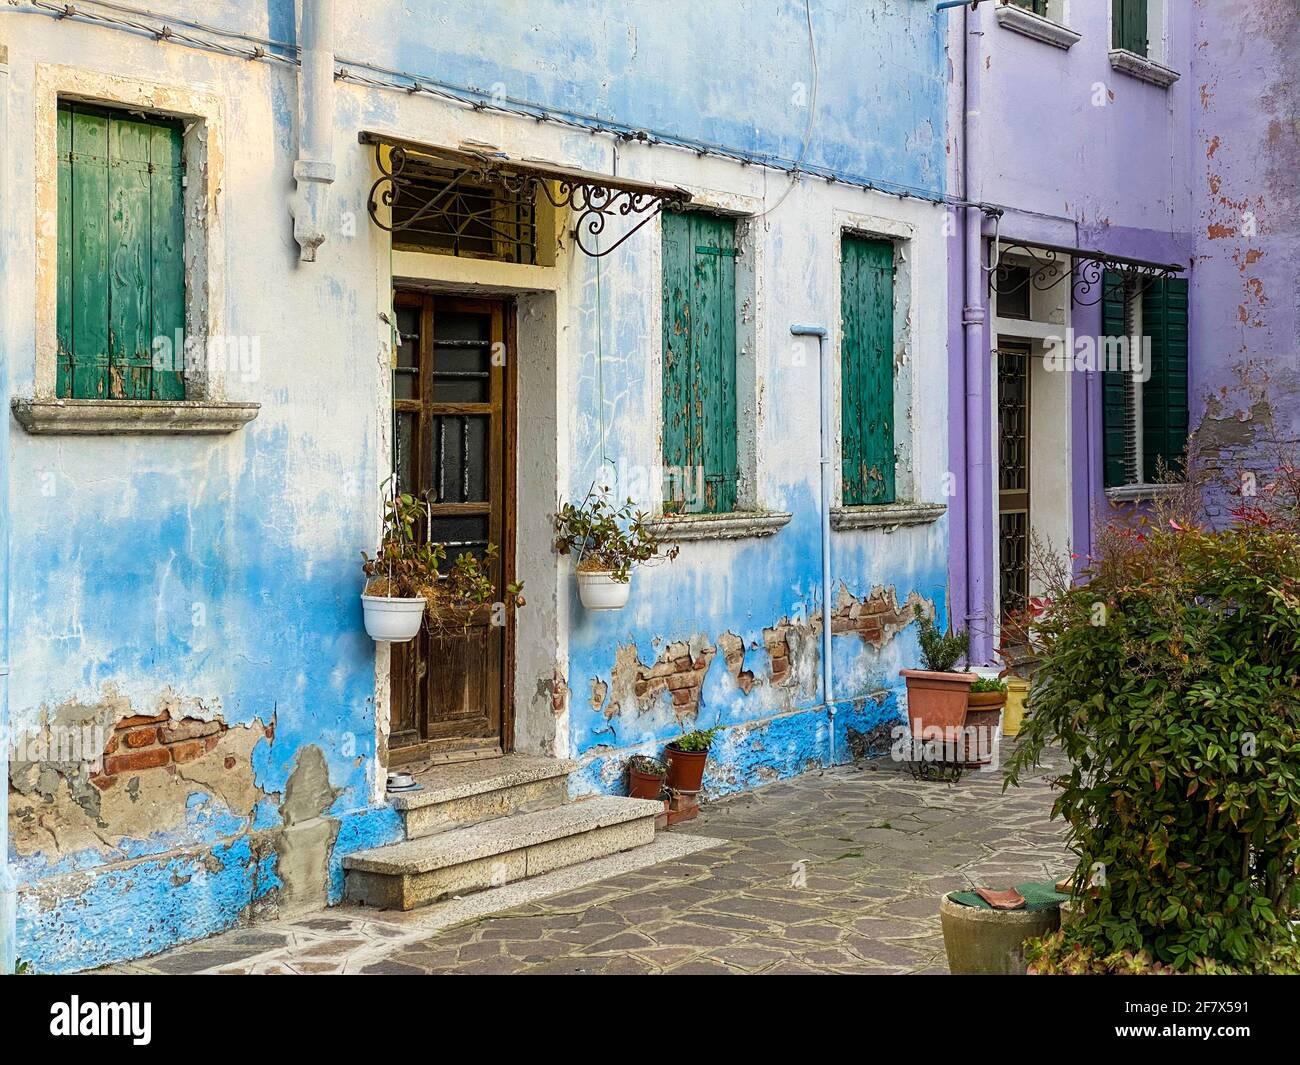 Case multicolori su una piccola piazza dell'isola di Burano, Venezia, Italia Foto Stock